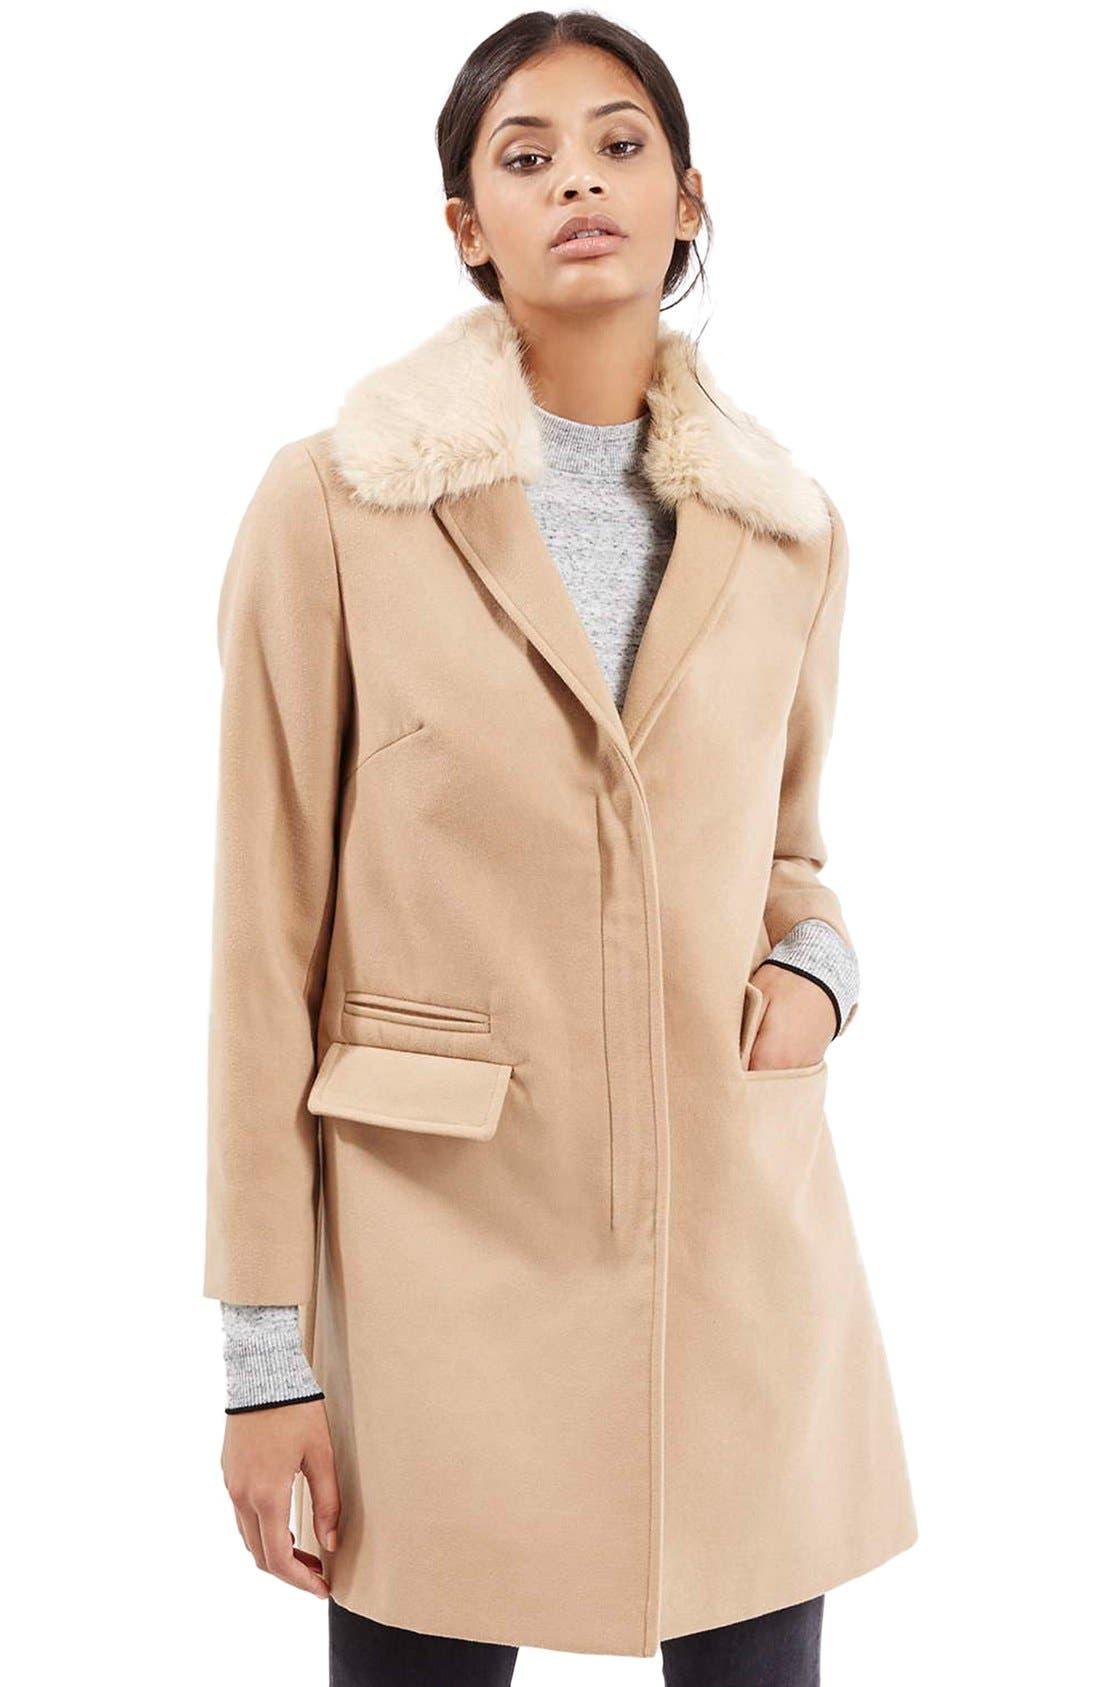 TOPSHOP 'Mia' FauxFur CollarSlim Fit Coat, Main, color, 252